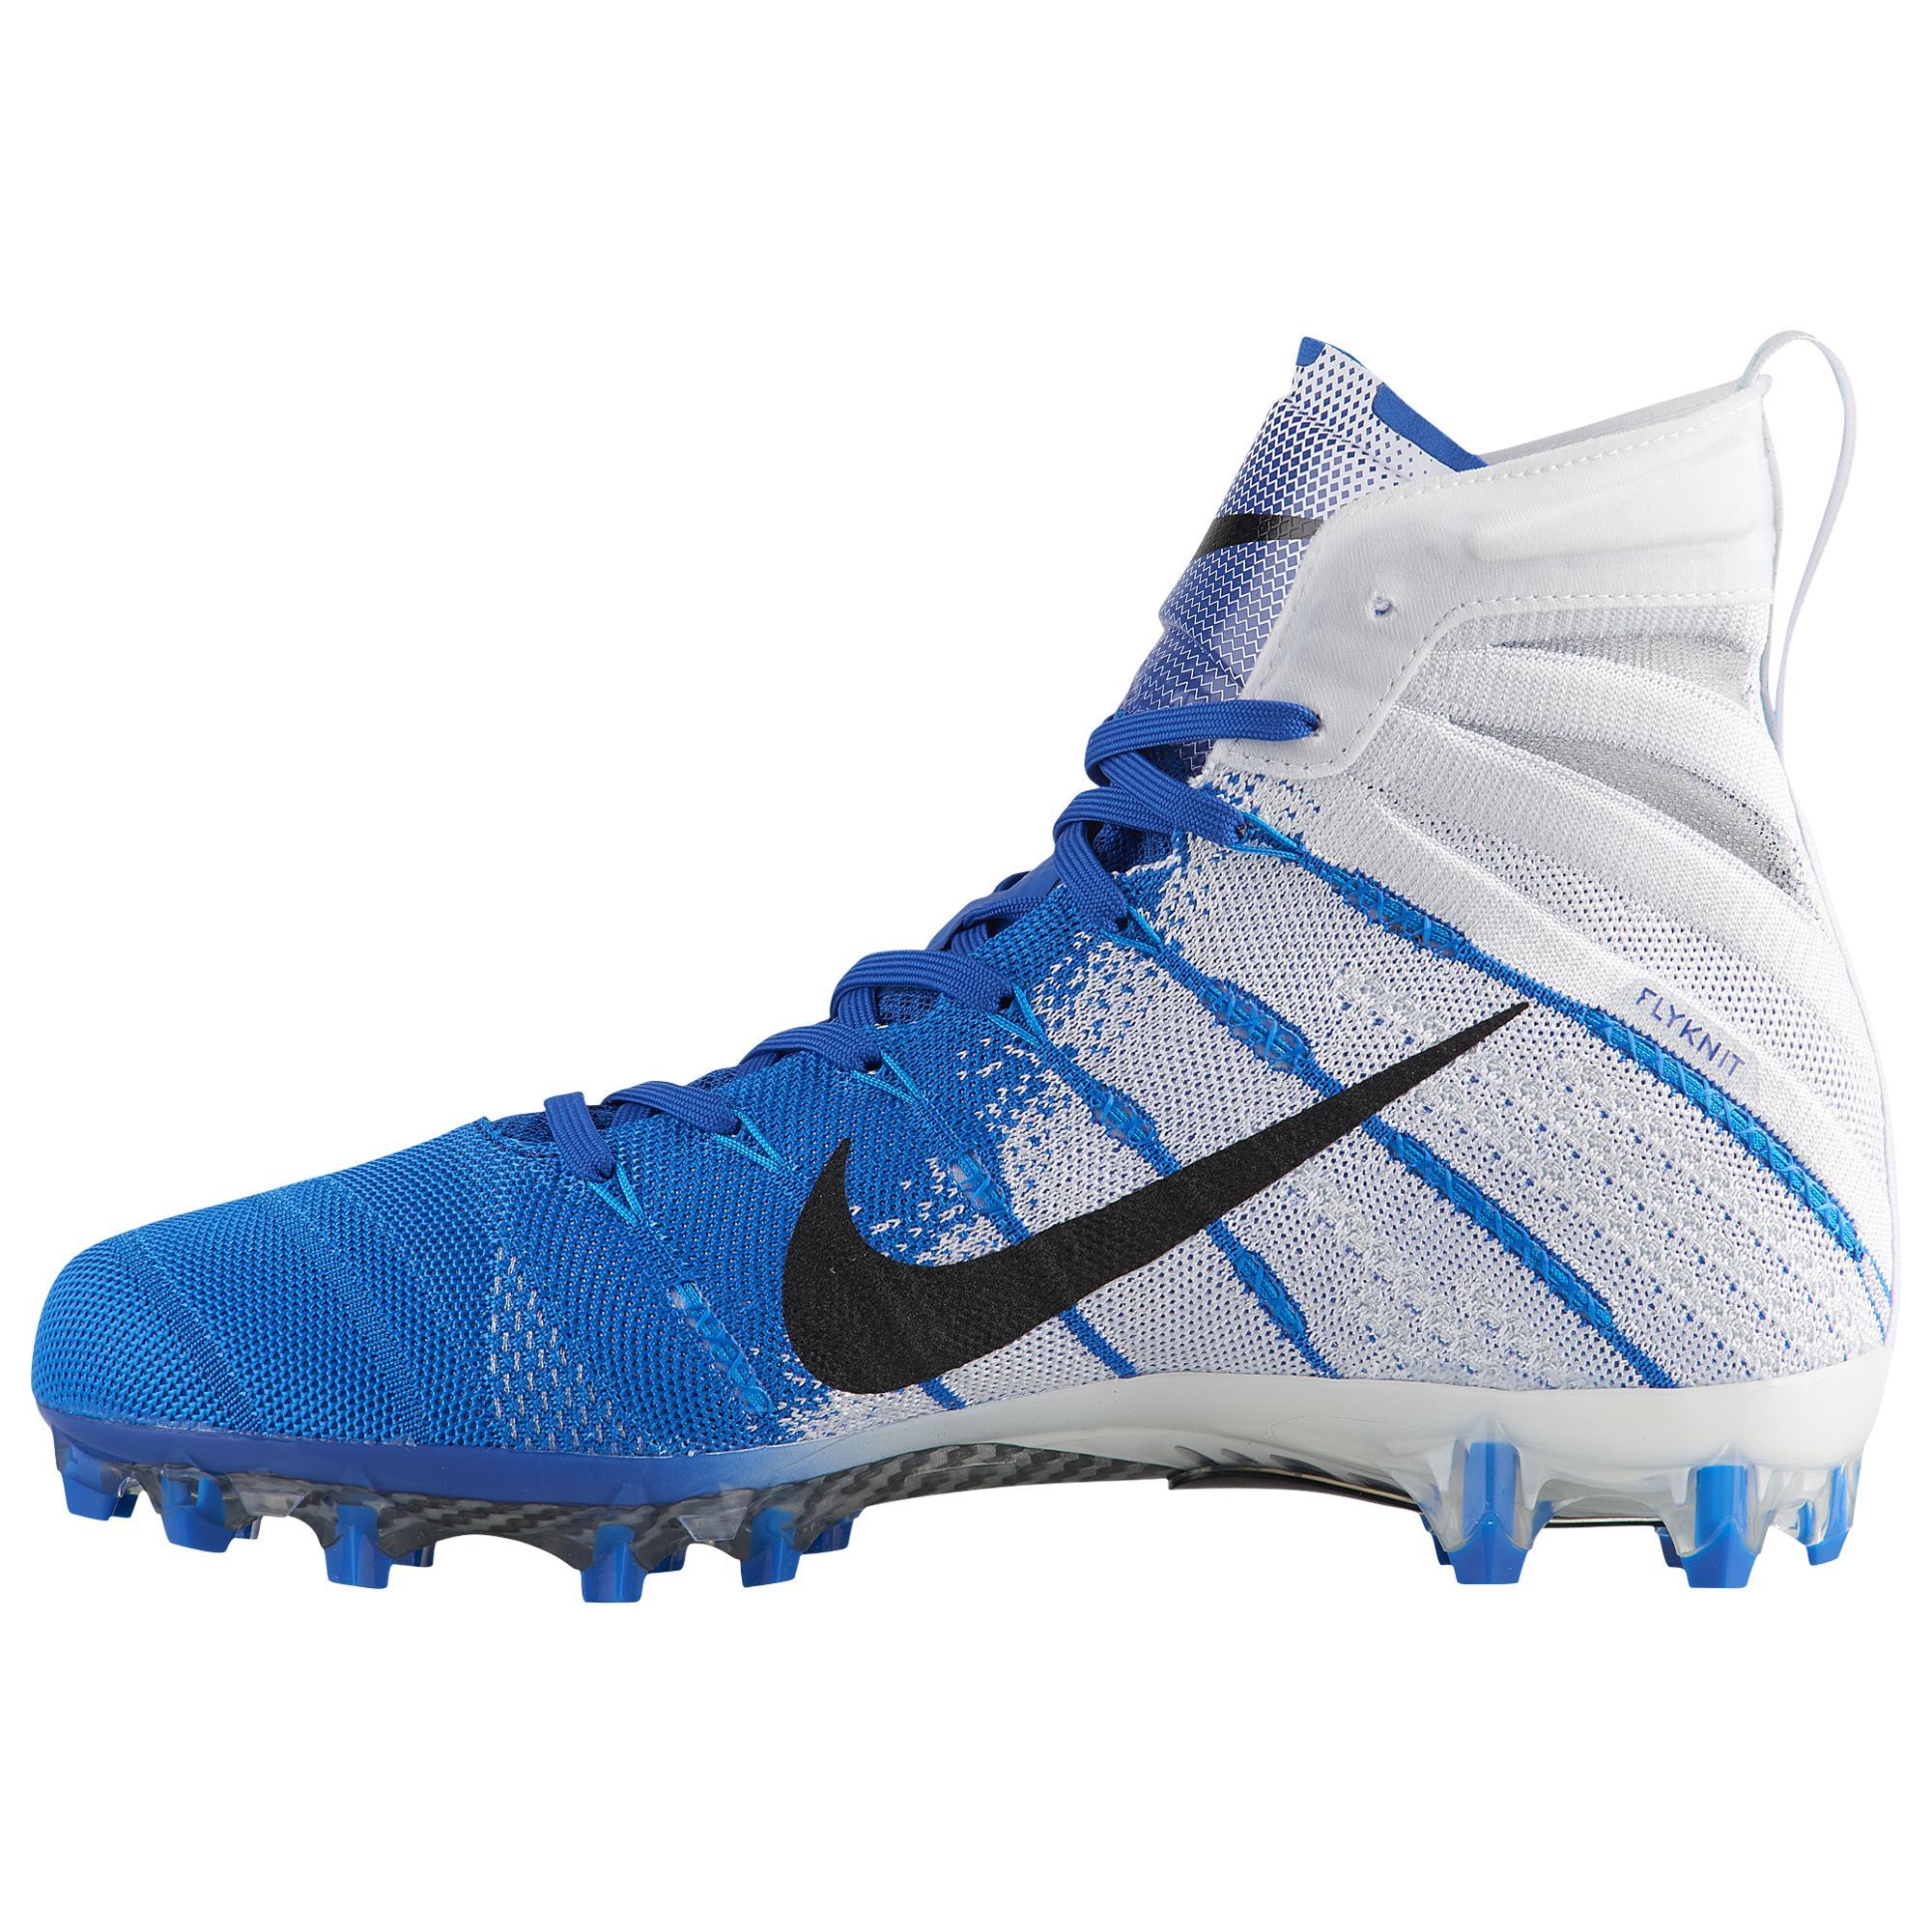 nike vapor untouchable 3 elite blue